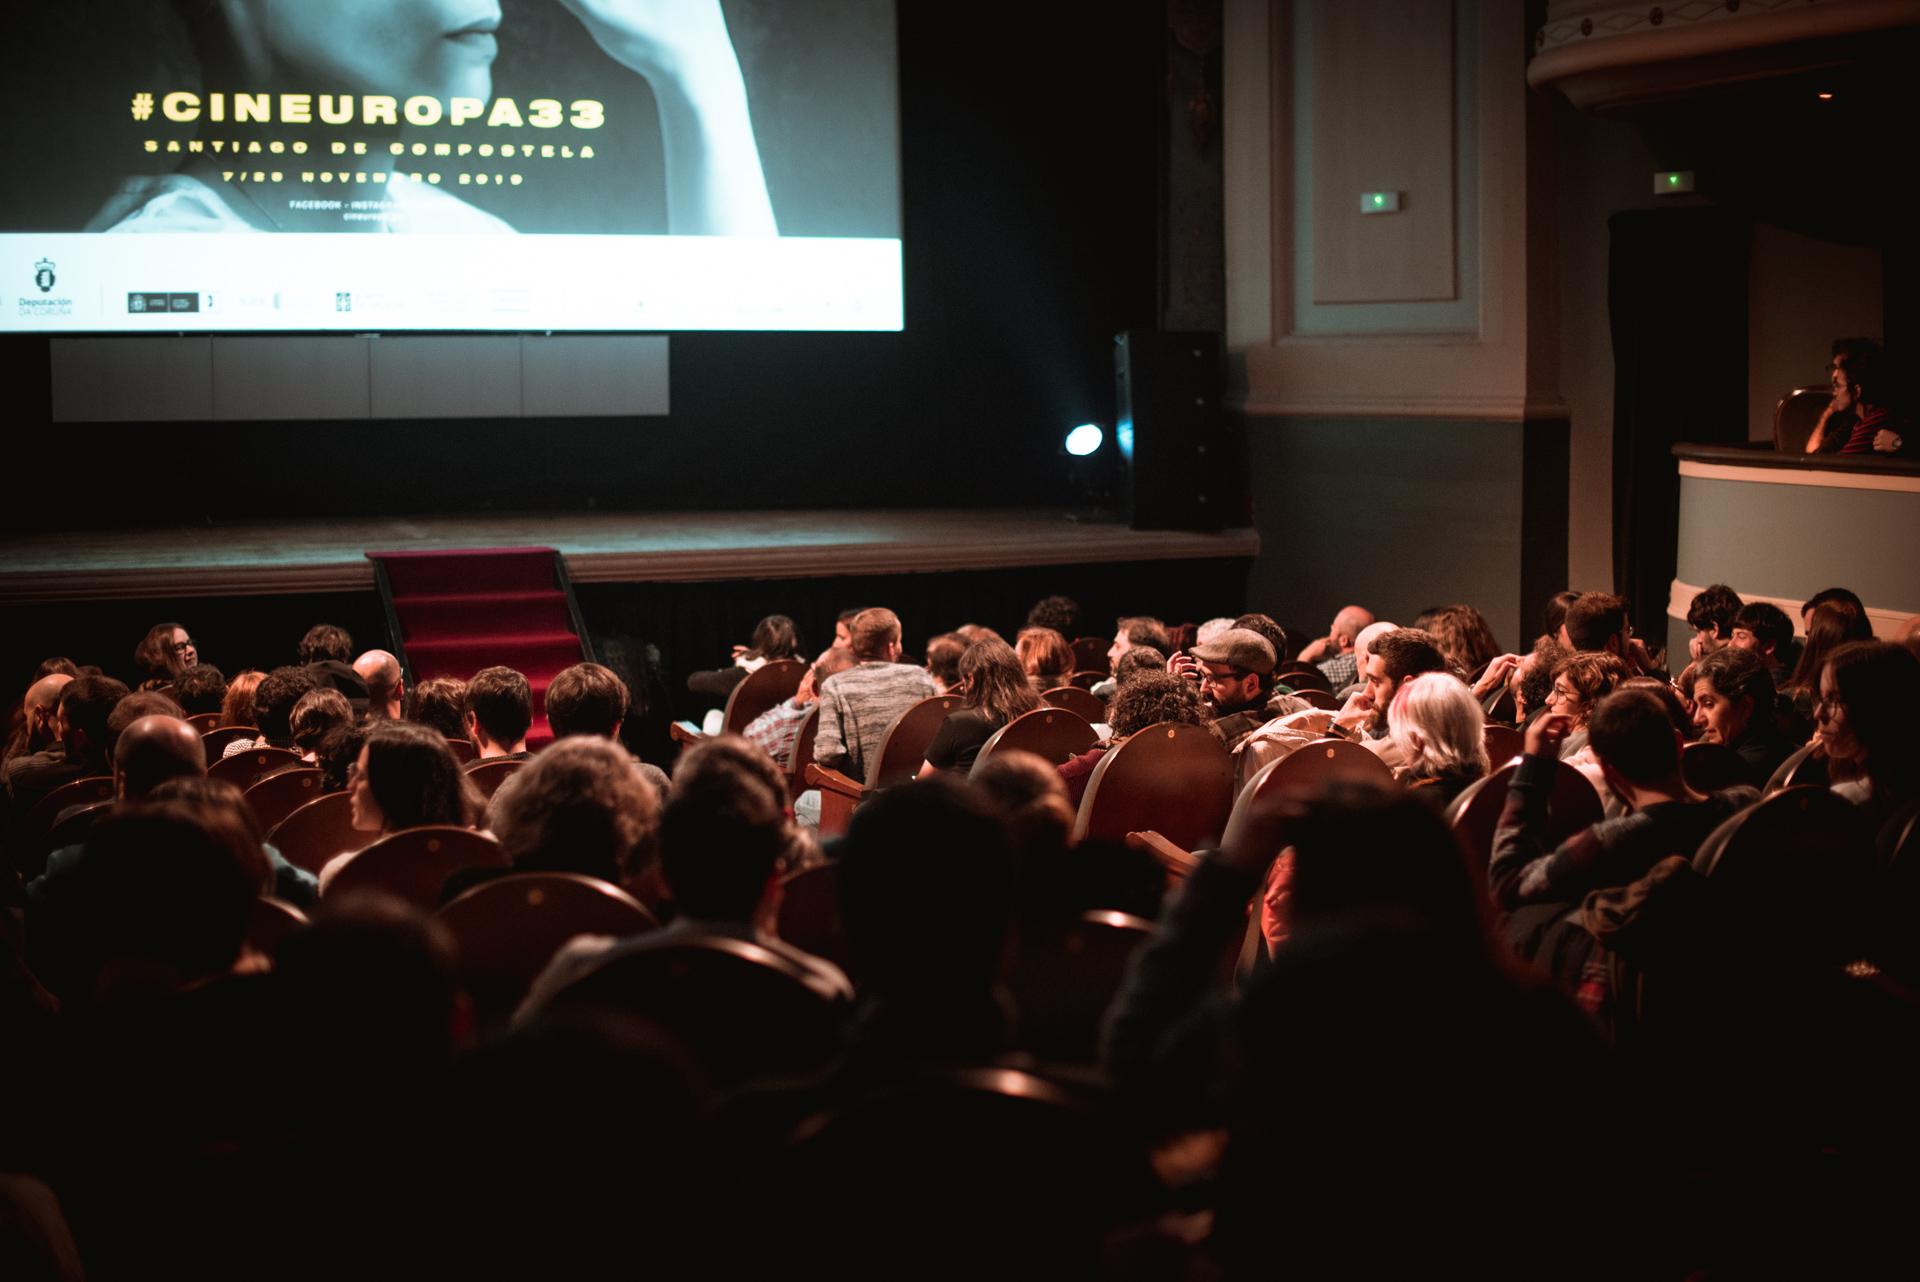 A forza visual do cinema galego: charla con Lucía C. Pan e Alberte Branco